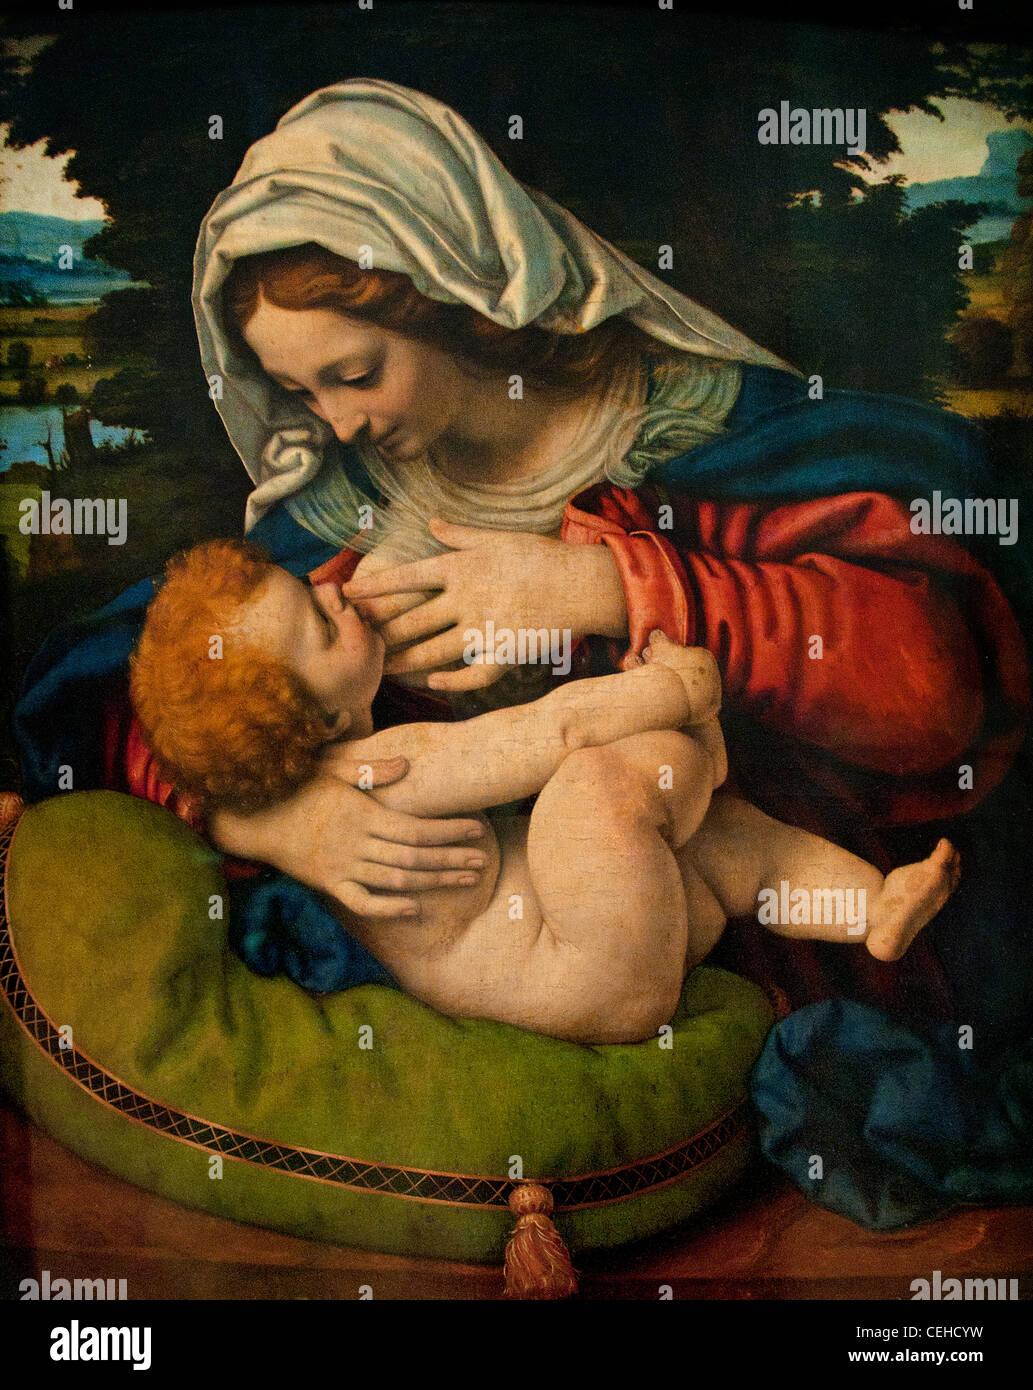 La Vierge au coussin vert by Solario - The Virgin Green Cushion by Solario - Andrea di Bartolo 1465 - 1524 Italian - Stock Image